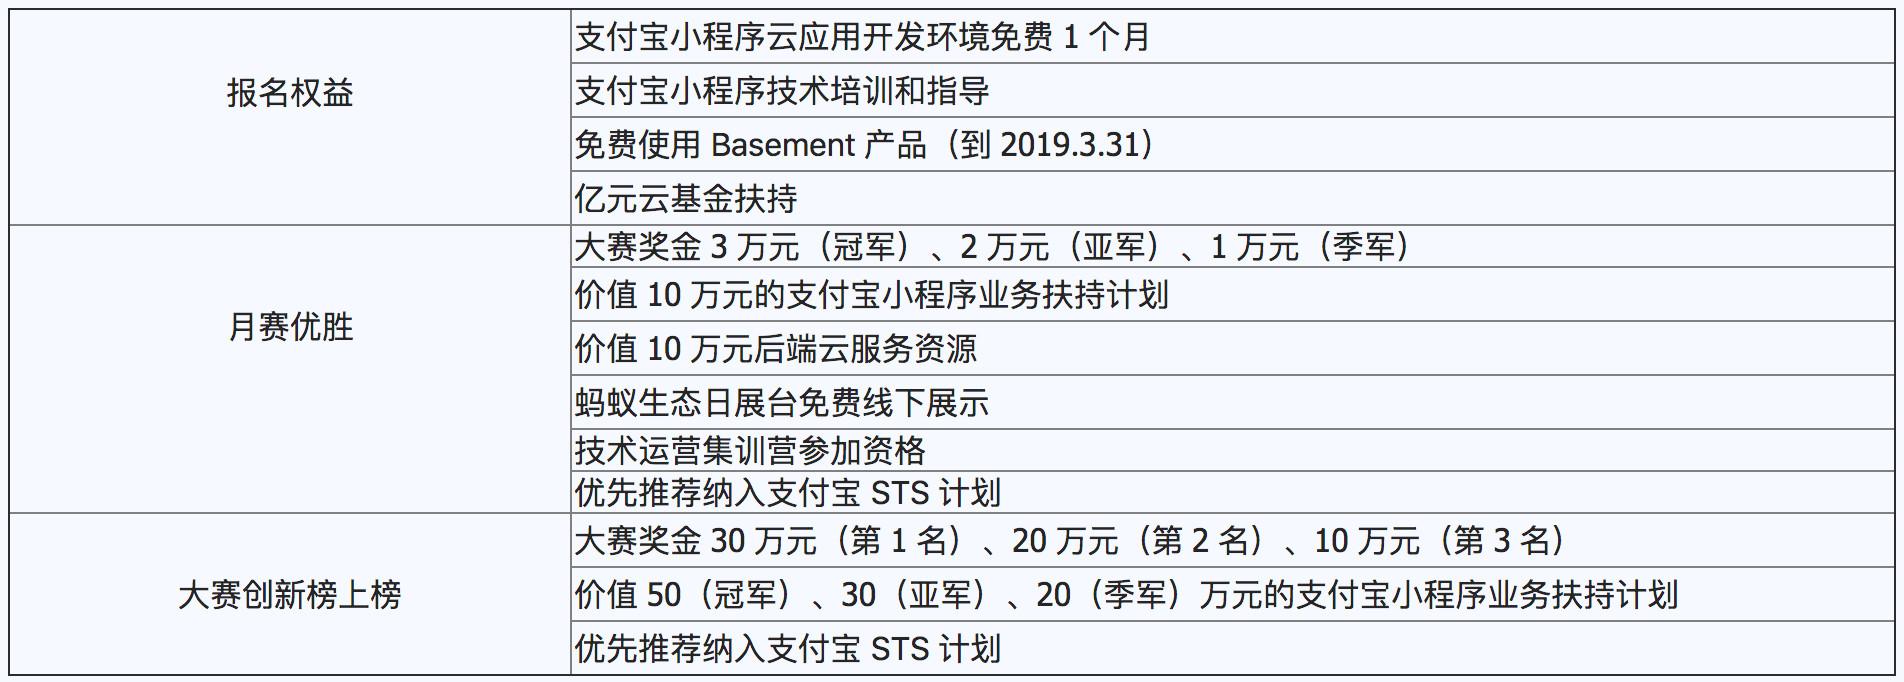 行业资讯_20181012103941.jpg